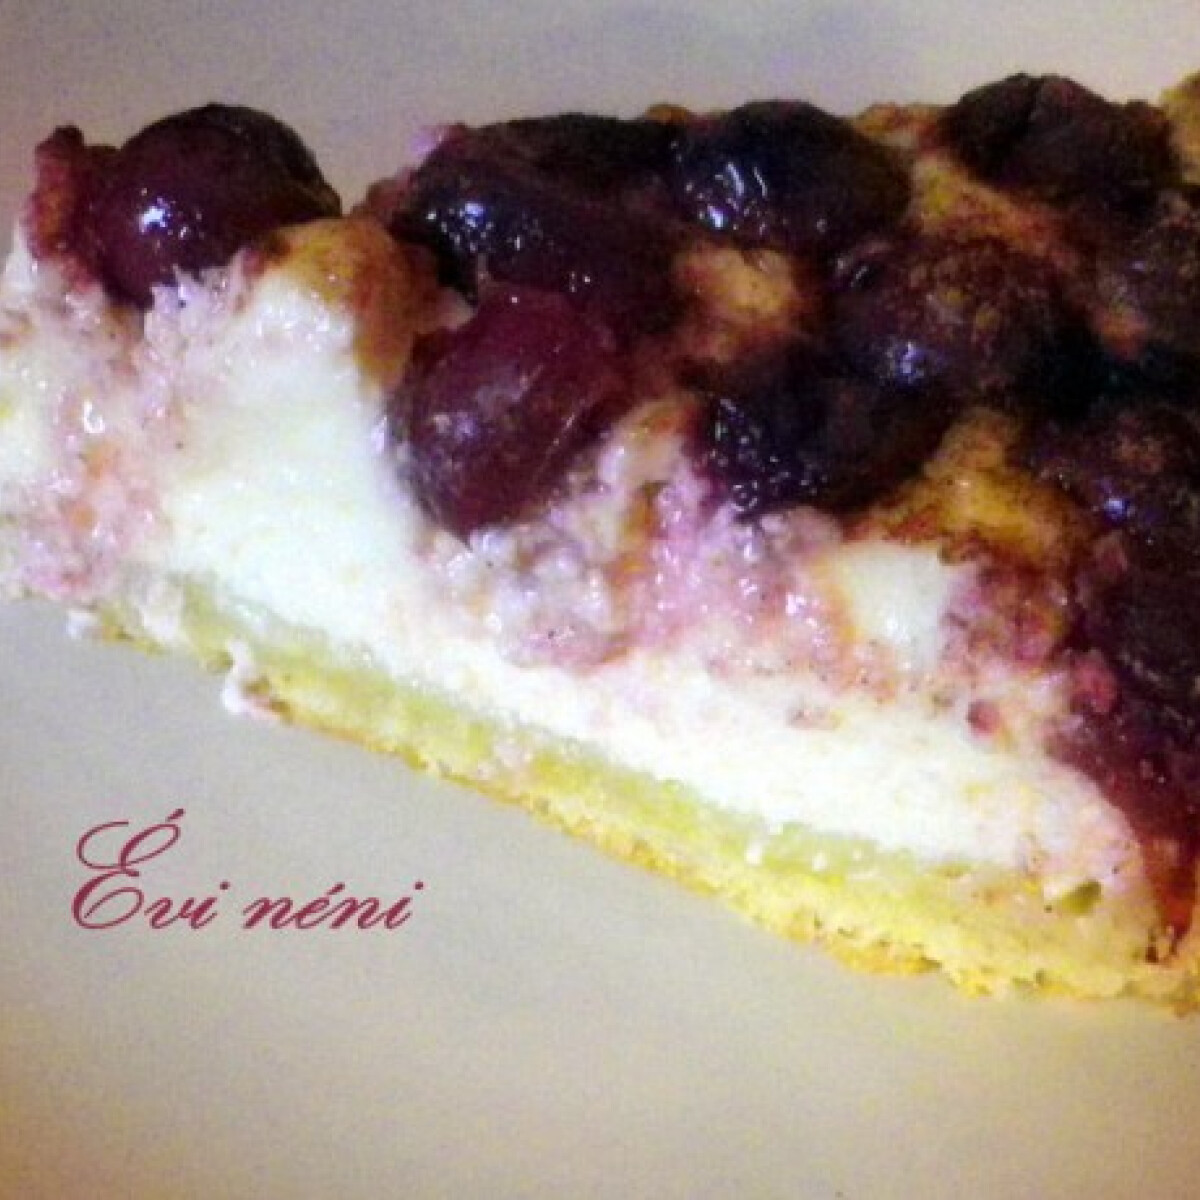 Meggyes-túrós pite Évi néni konyhájából